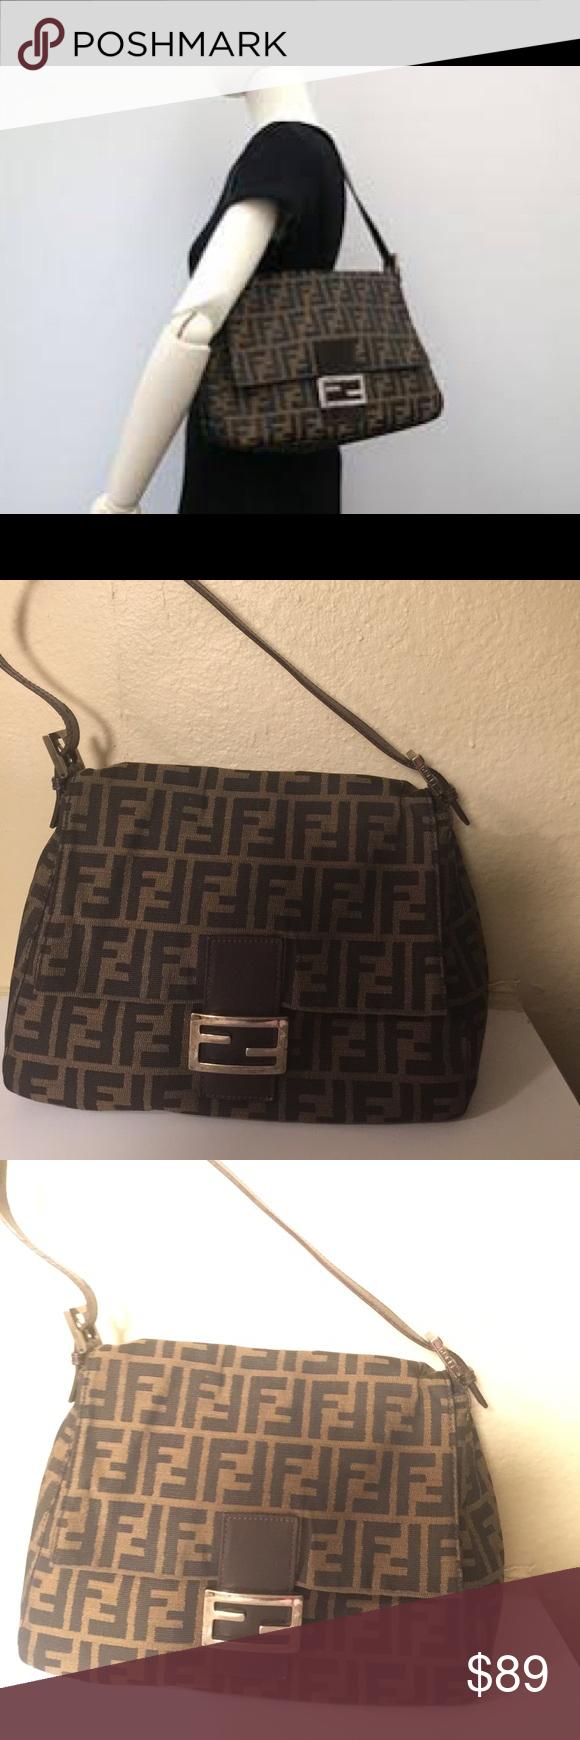 4394a207d00f Fendi Mama Zucca Bag Fendi Big Mama Zucca shoulder bag. Please note ...